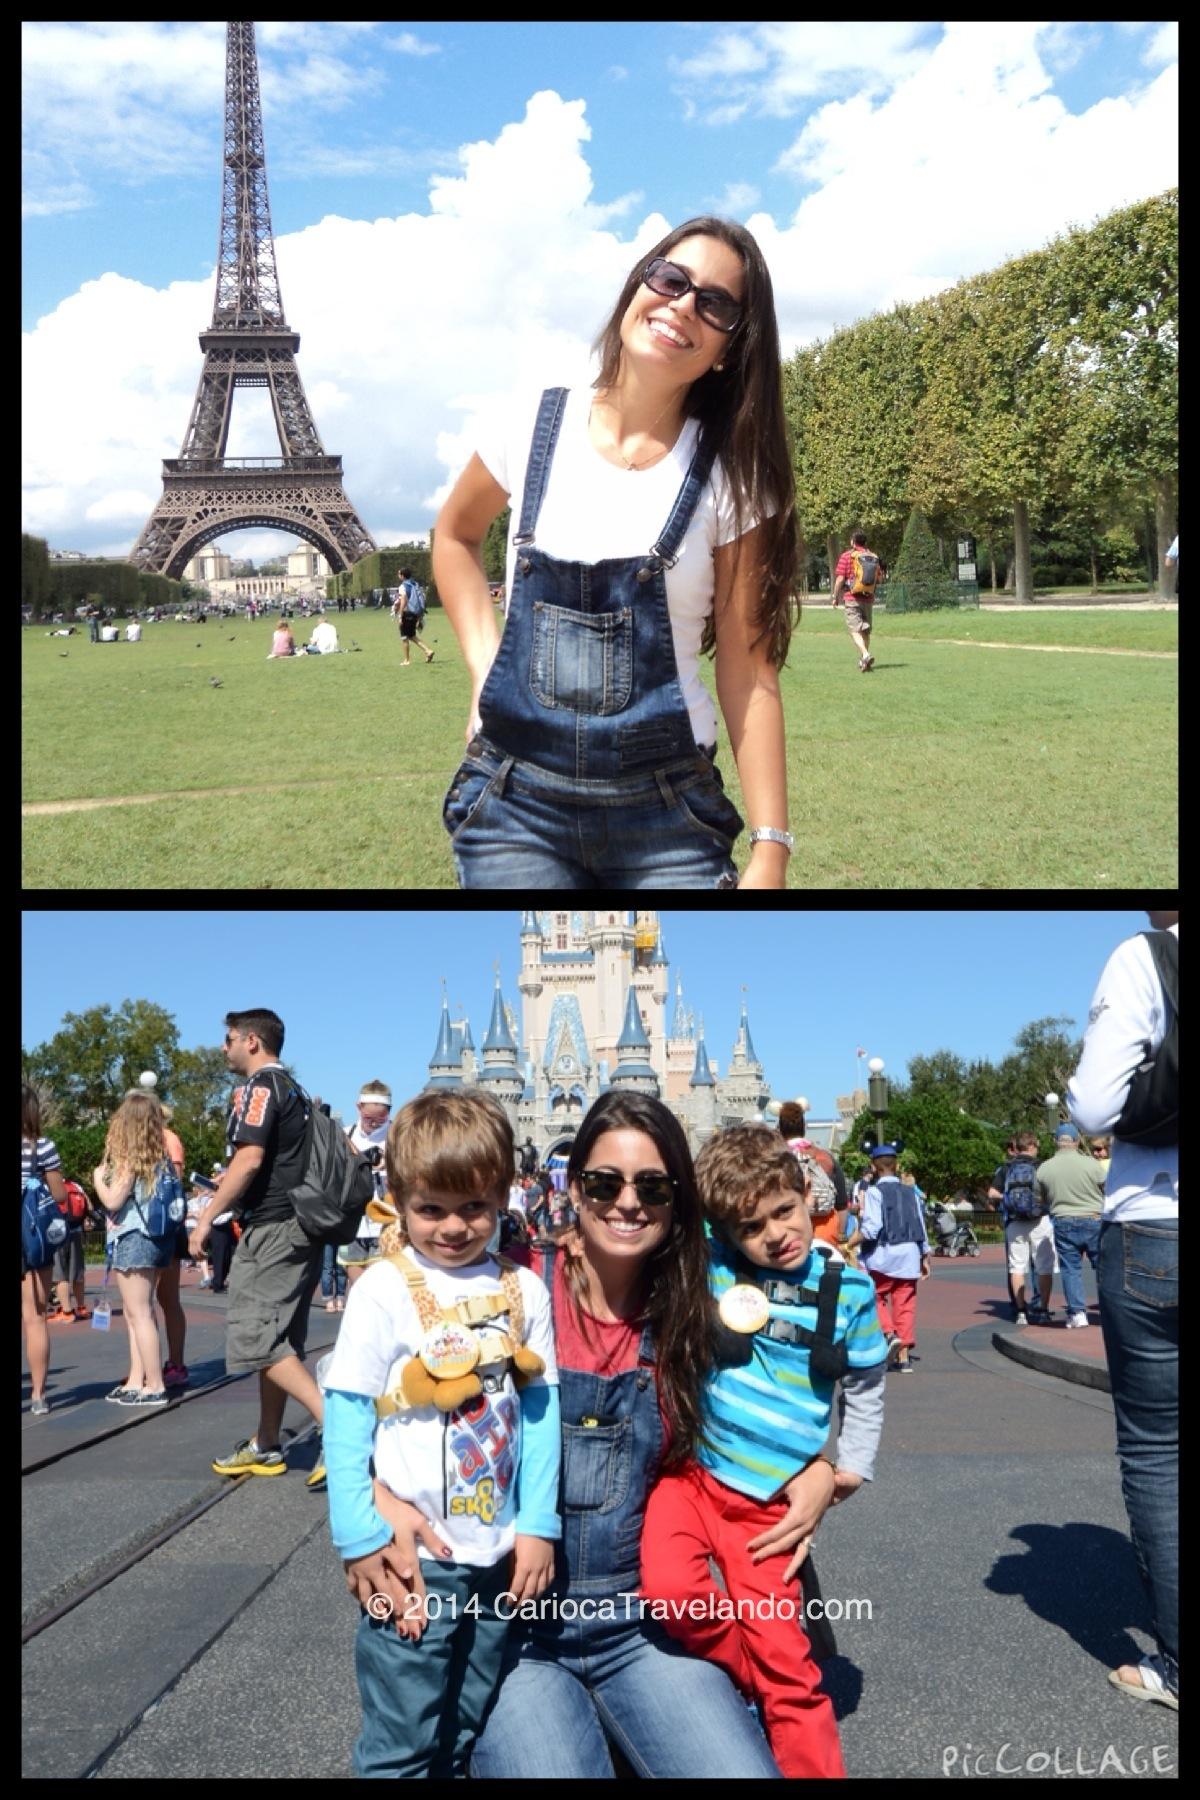 O mesmo macaquinho jeans em Paris e na Disney em Orlando